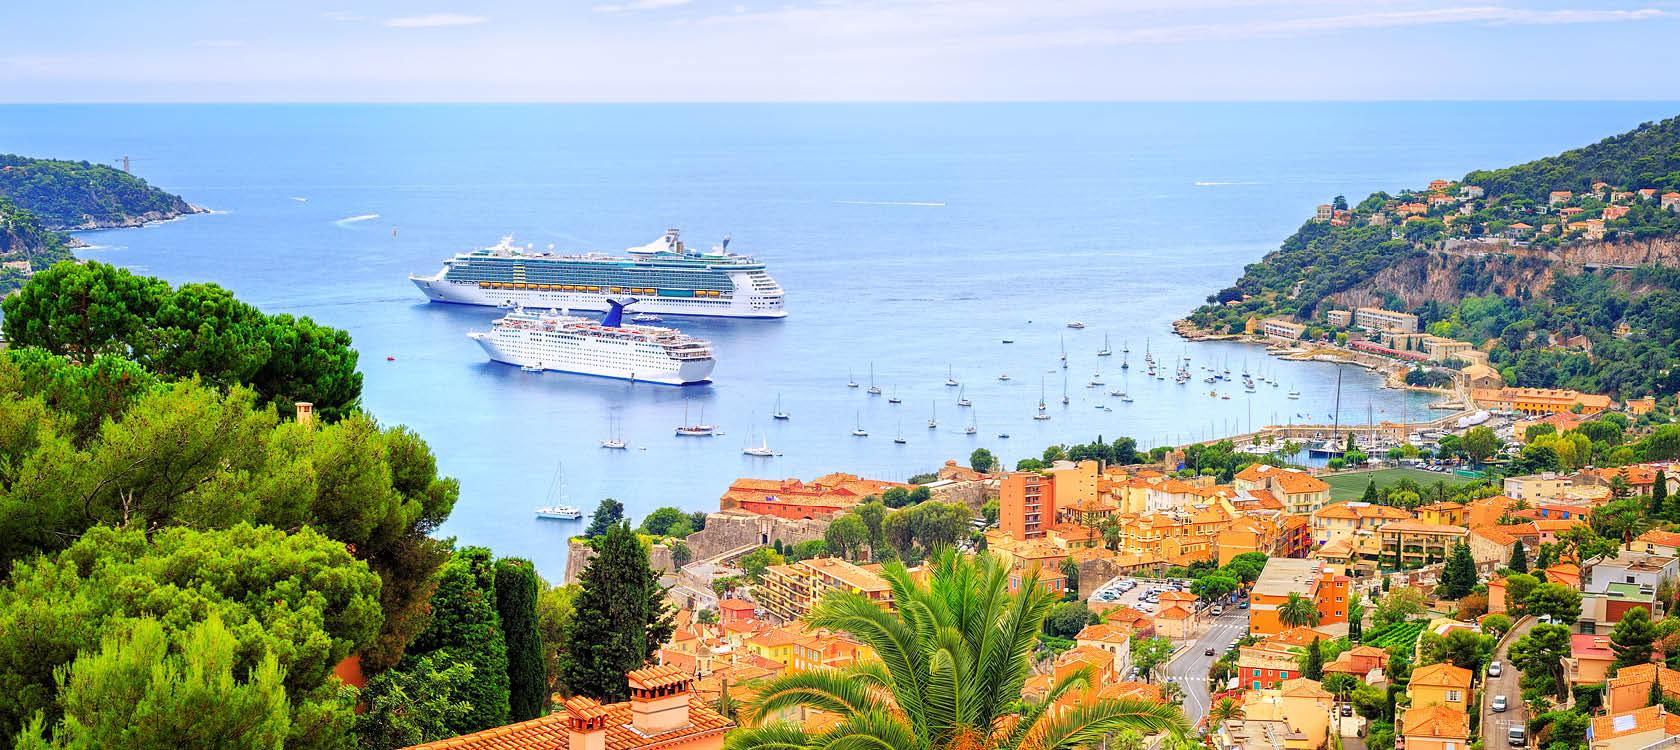 Sommersejllads med Kulturrejser Europa i Middelhavet